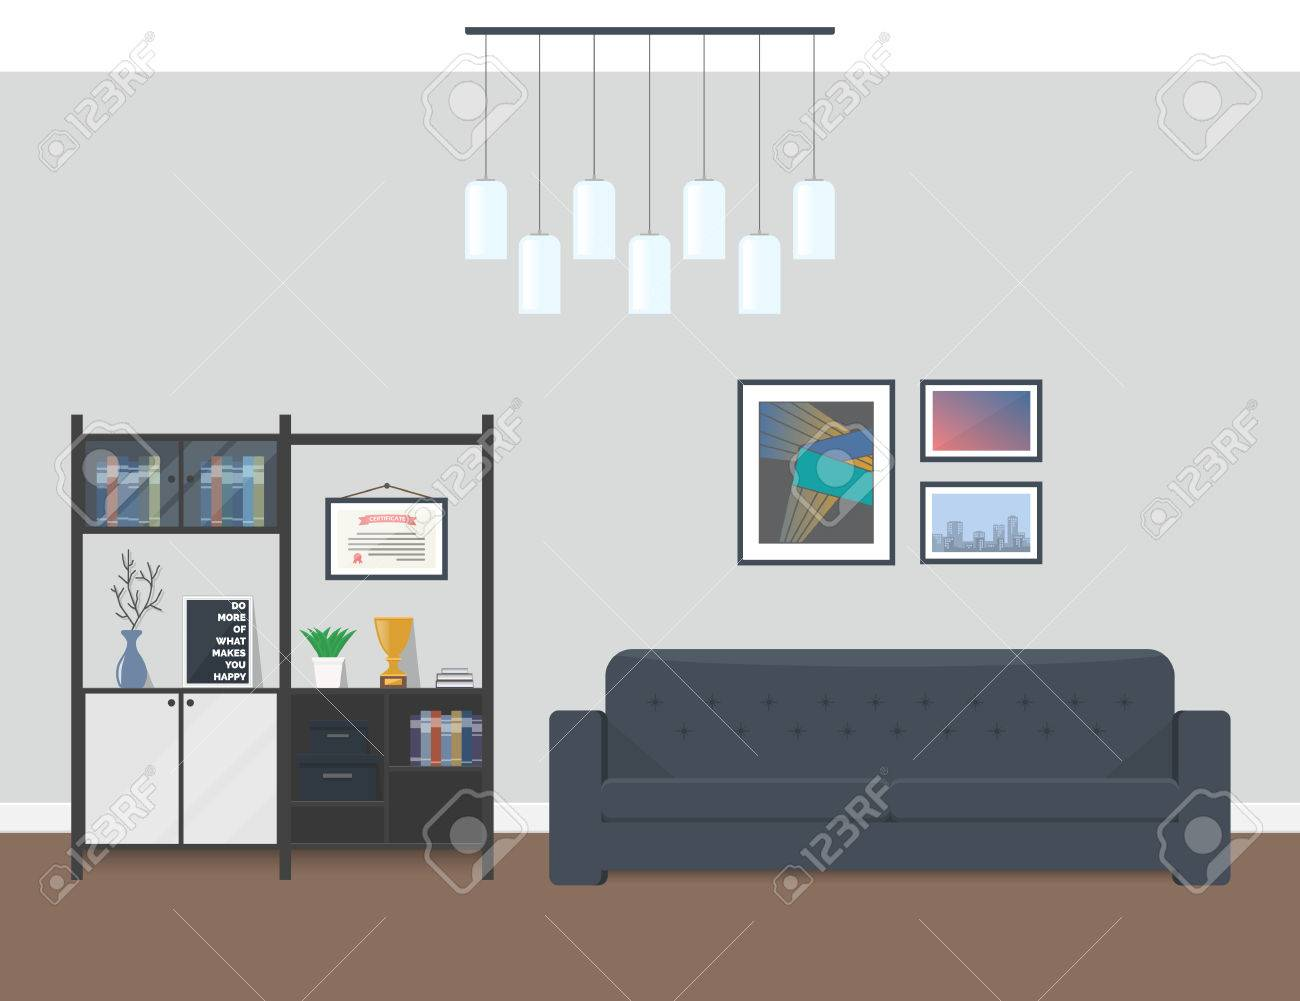 Design dintérieur dun salon moderne. zone de loisirs dans le